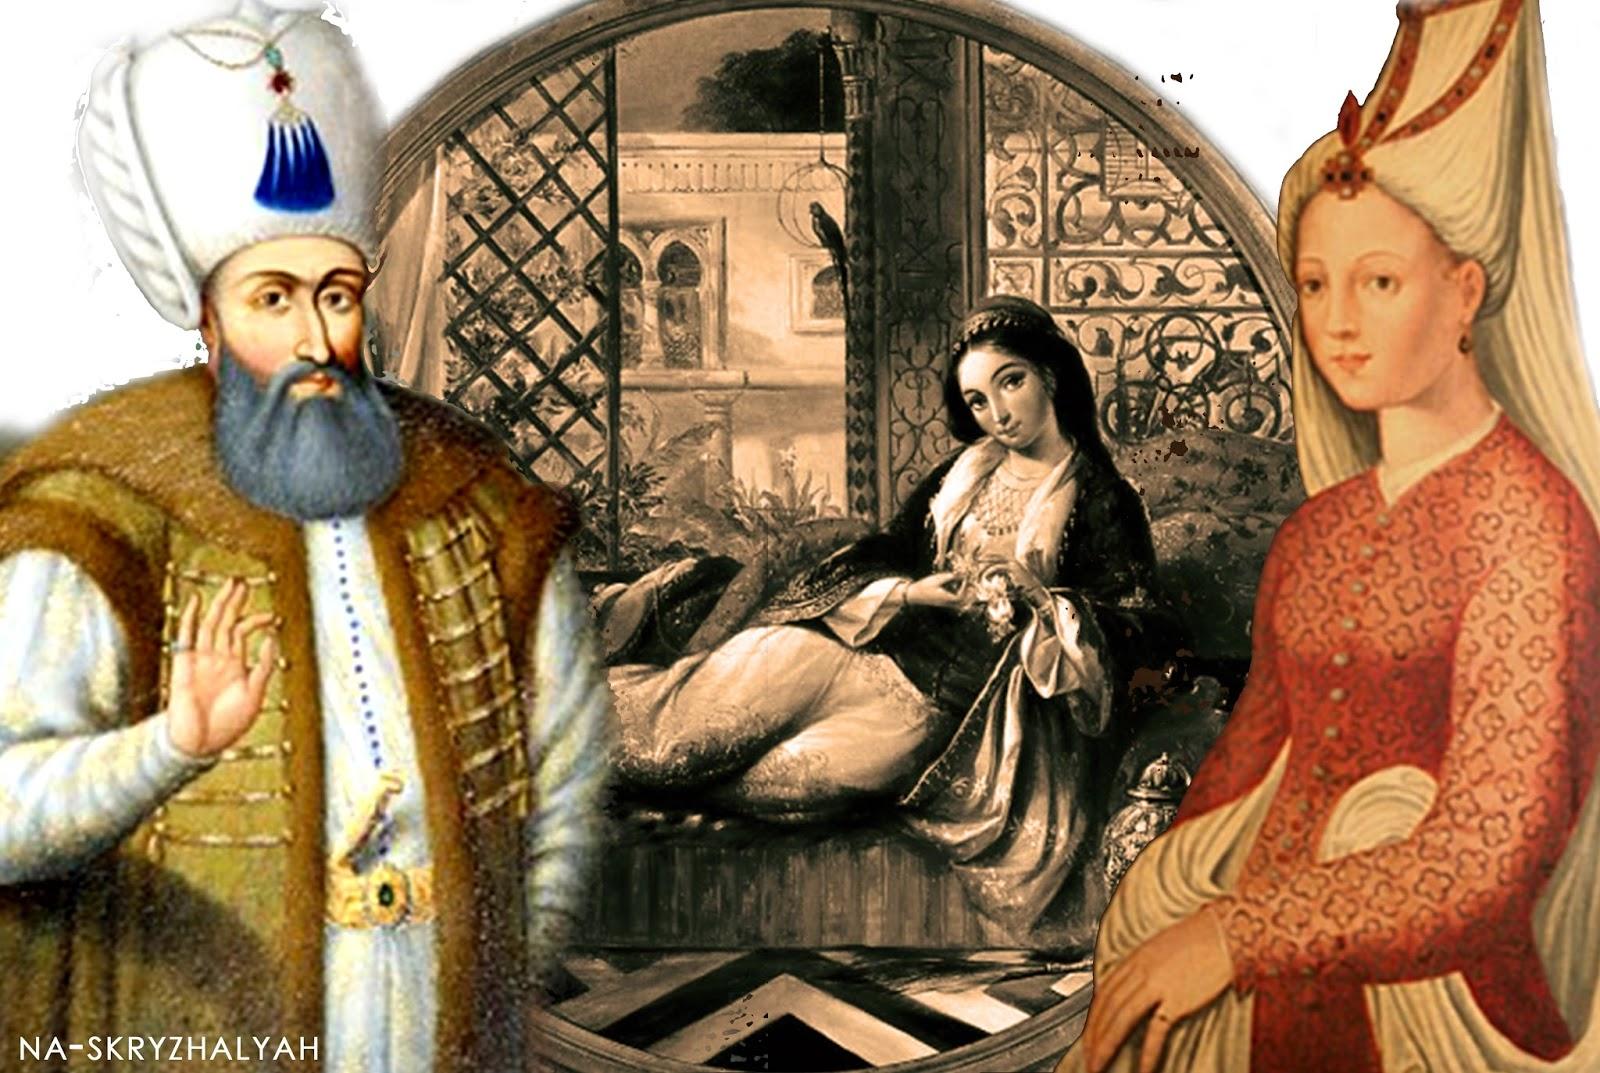 фото султана сулеймана и его жены хюррем что